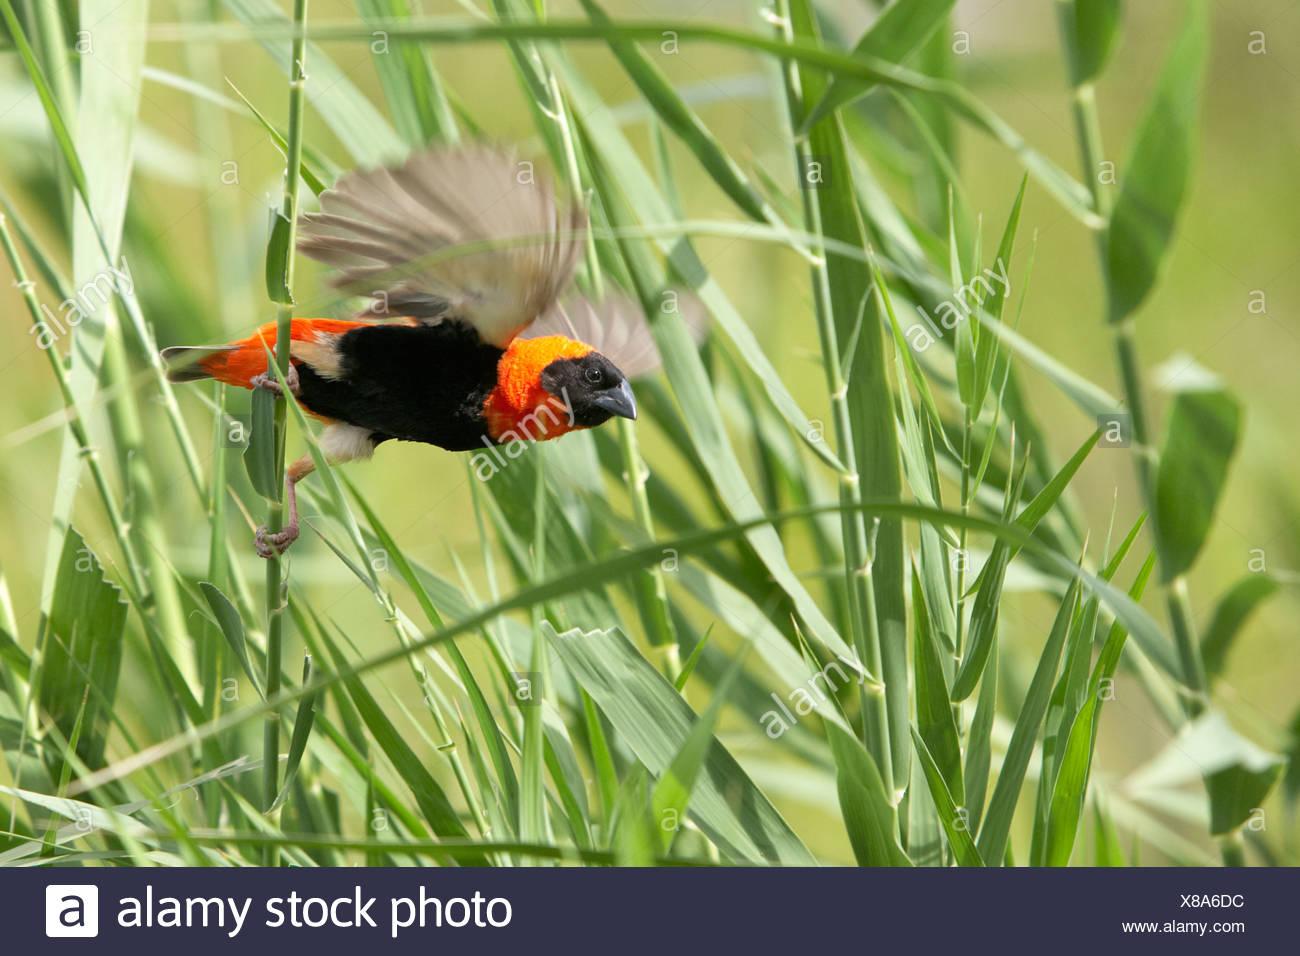 Red Bishop (Euplectes orix) taking flight off long piece of grass, Pilanesberg Game Reserve - Stock Image